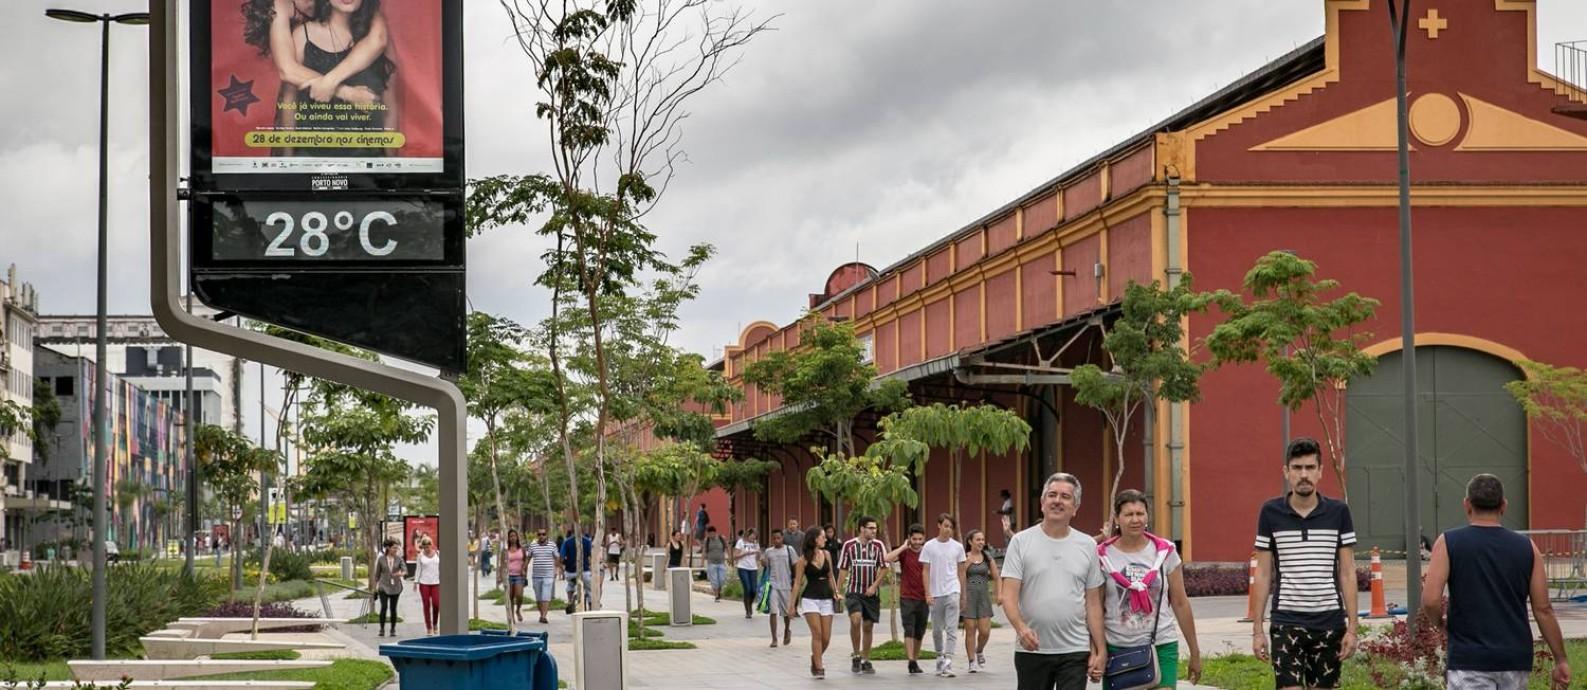 Pedestres caminham em zona livre para carros no Boulevard Olímpico, próximo à Praça Mauá, no Rio, em foto de 2018 Foto: André Horta/Fotoarena / Agência O Globo / Agência O Globo